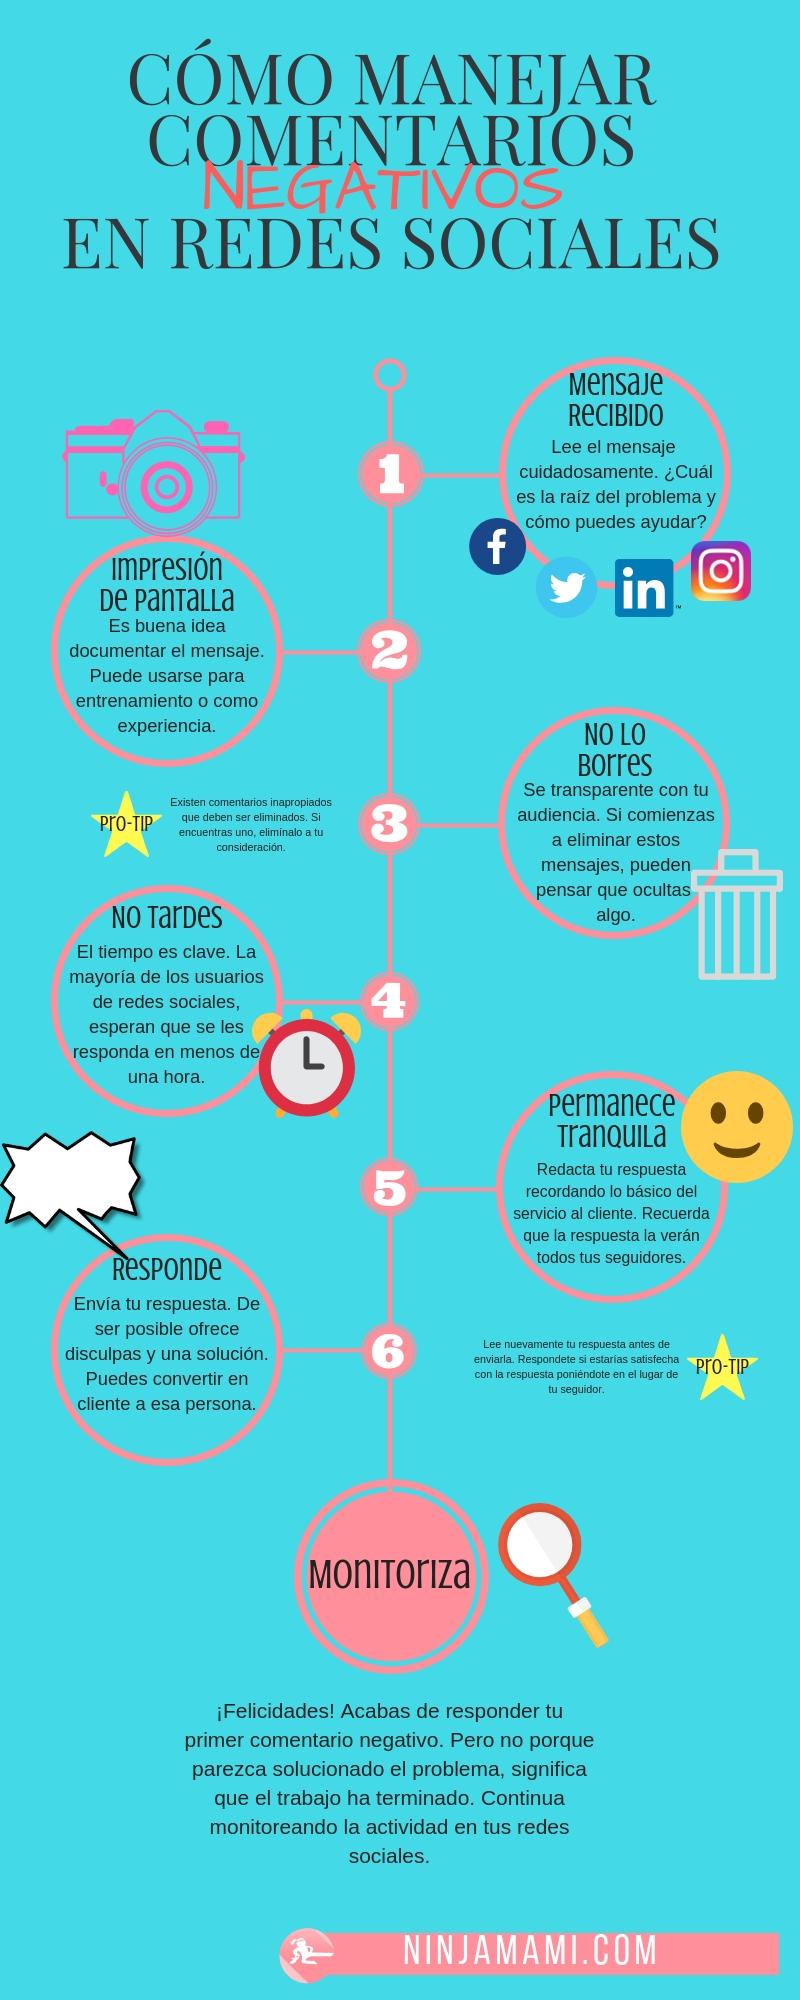 Como manejar comentarios negativos en redes sociales